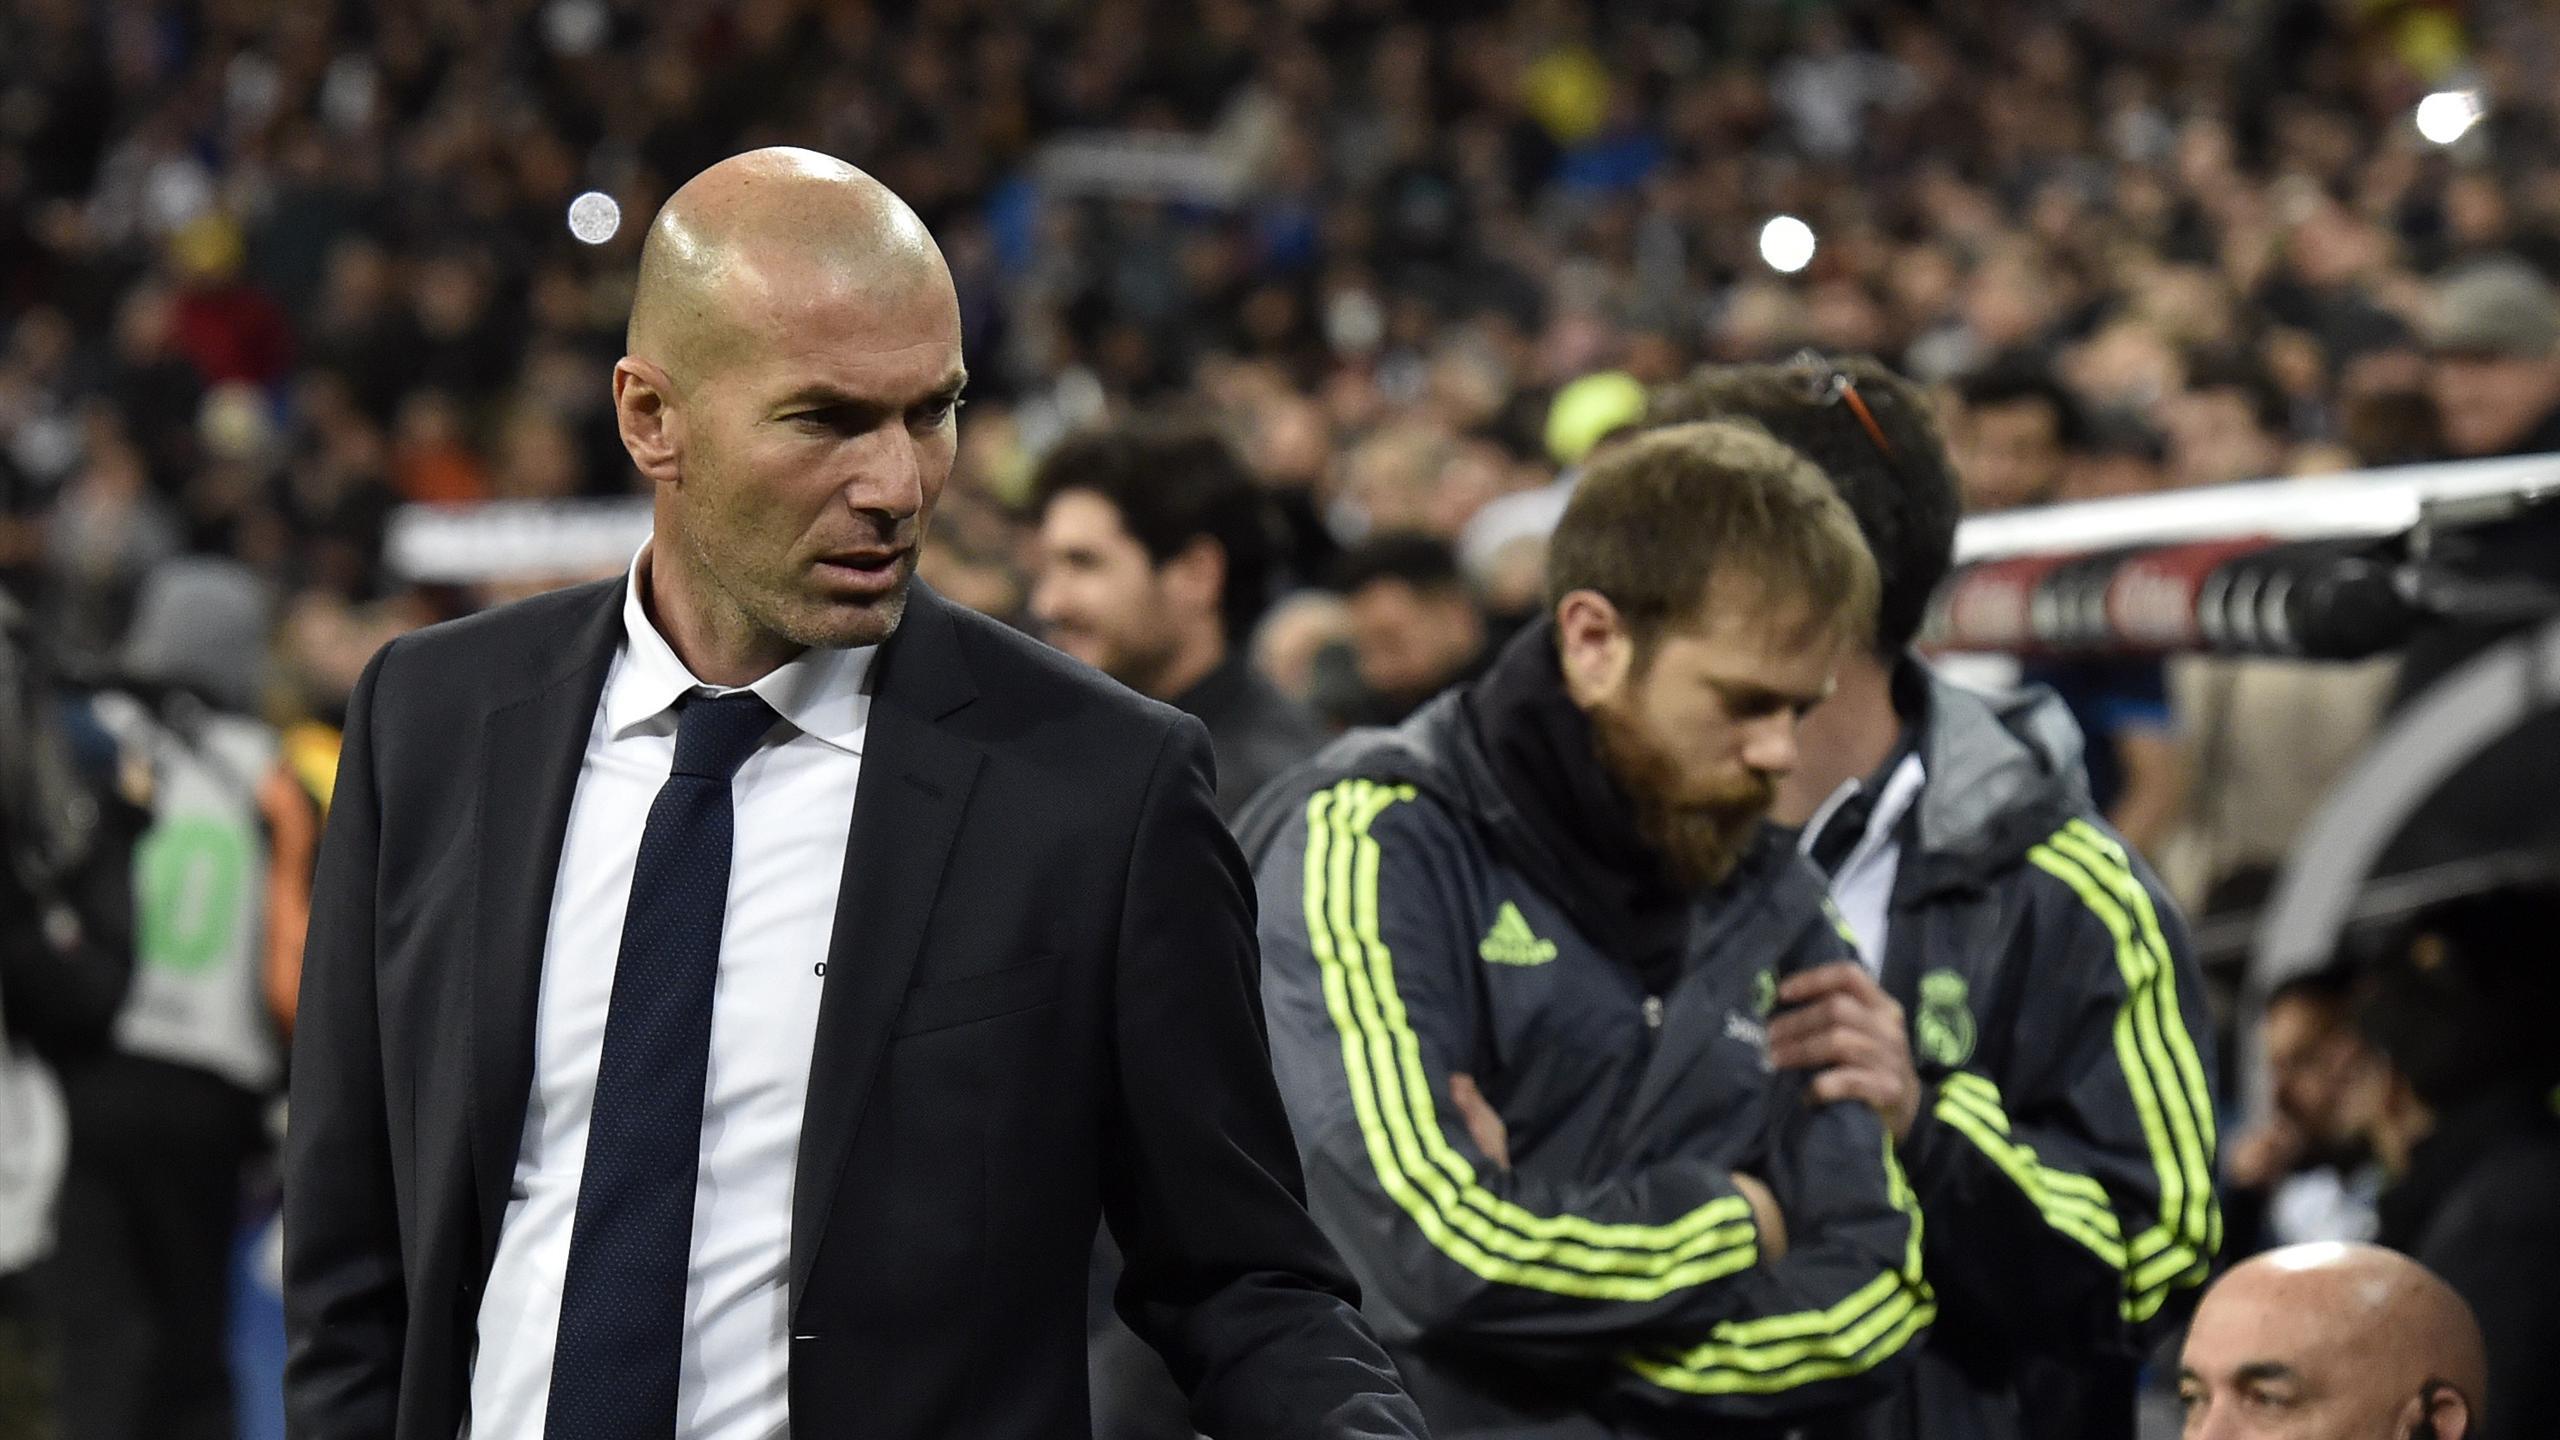 Zinédine Zidane pour la première fois sur le banc de Santiago Bernabeu en tant que coach du Real Madrid, samedi 9 janvier 2016